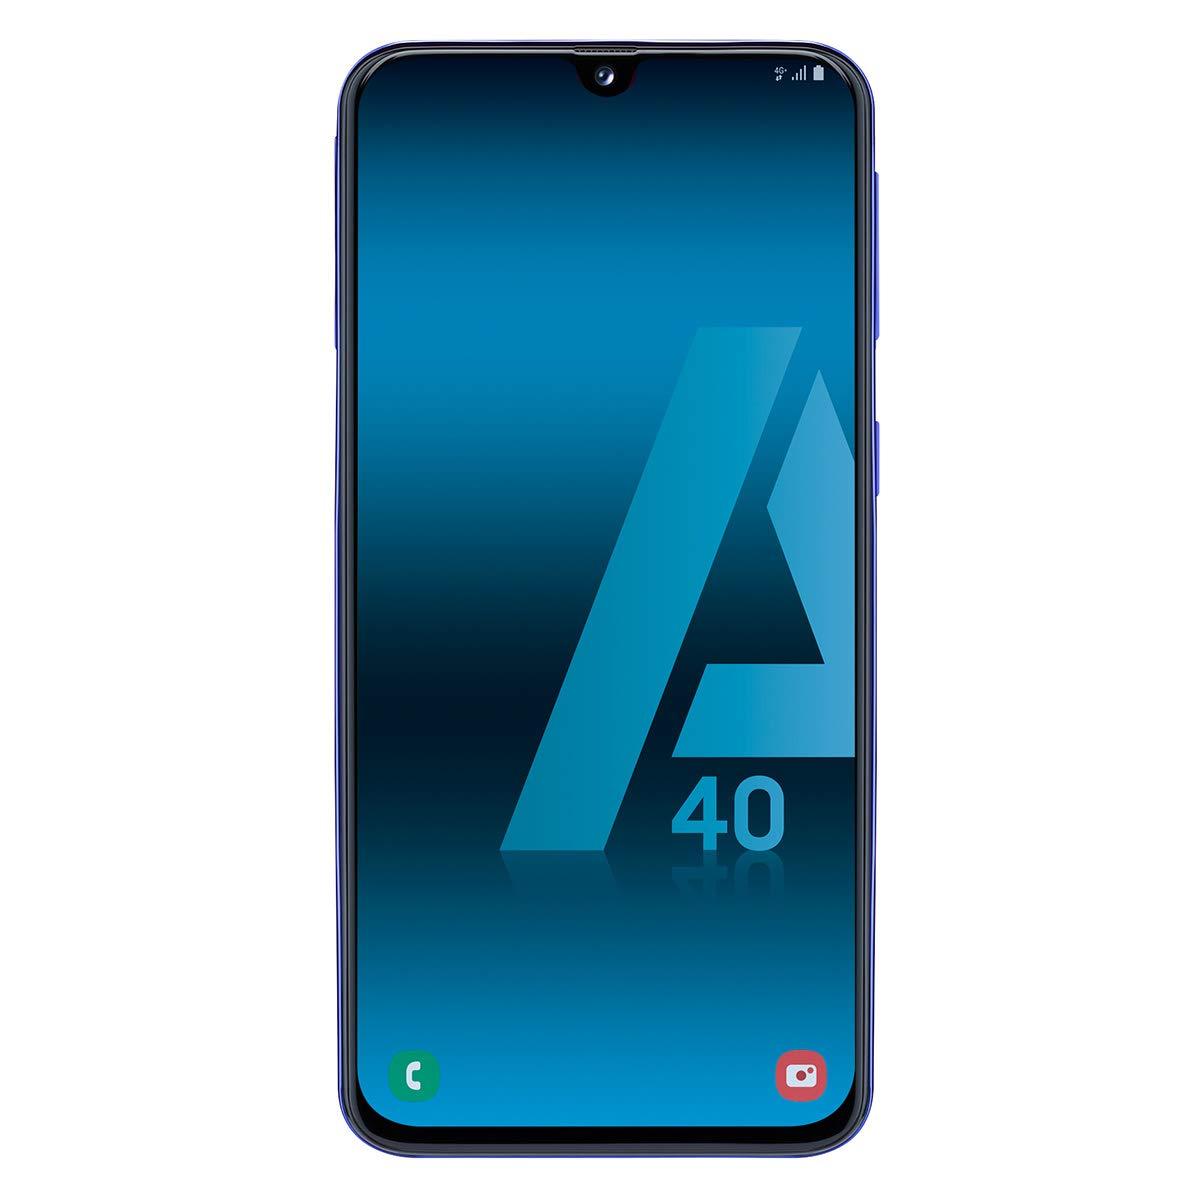 Samsung Galaxy A40 64GB - Los mejores móviles por menos de 200 euros